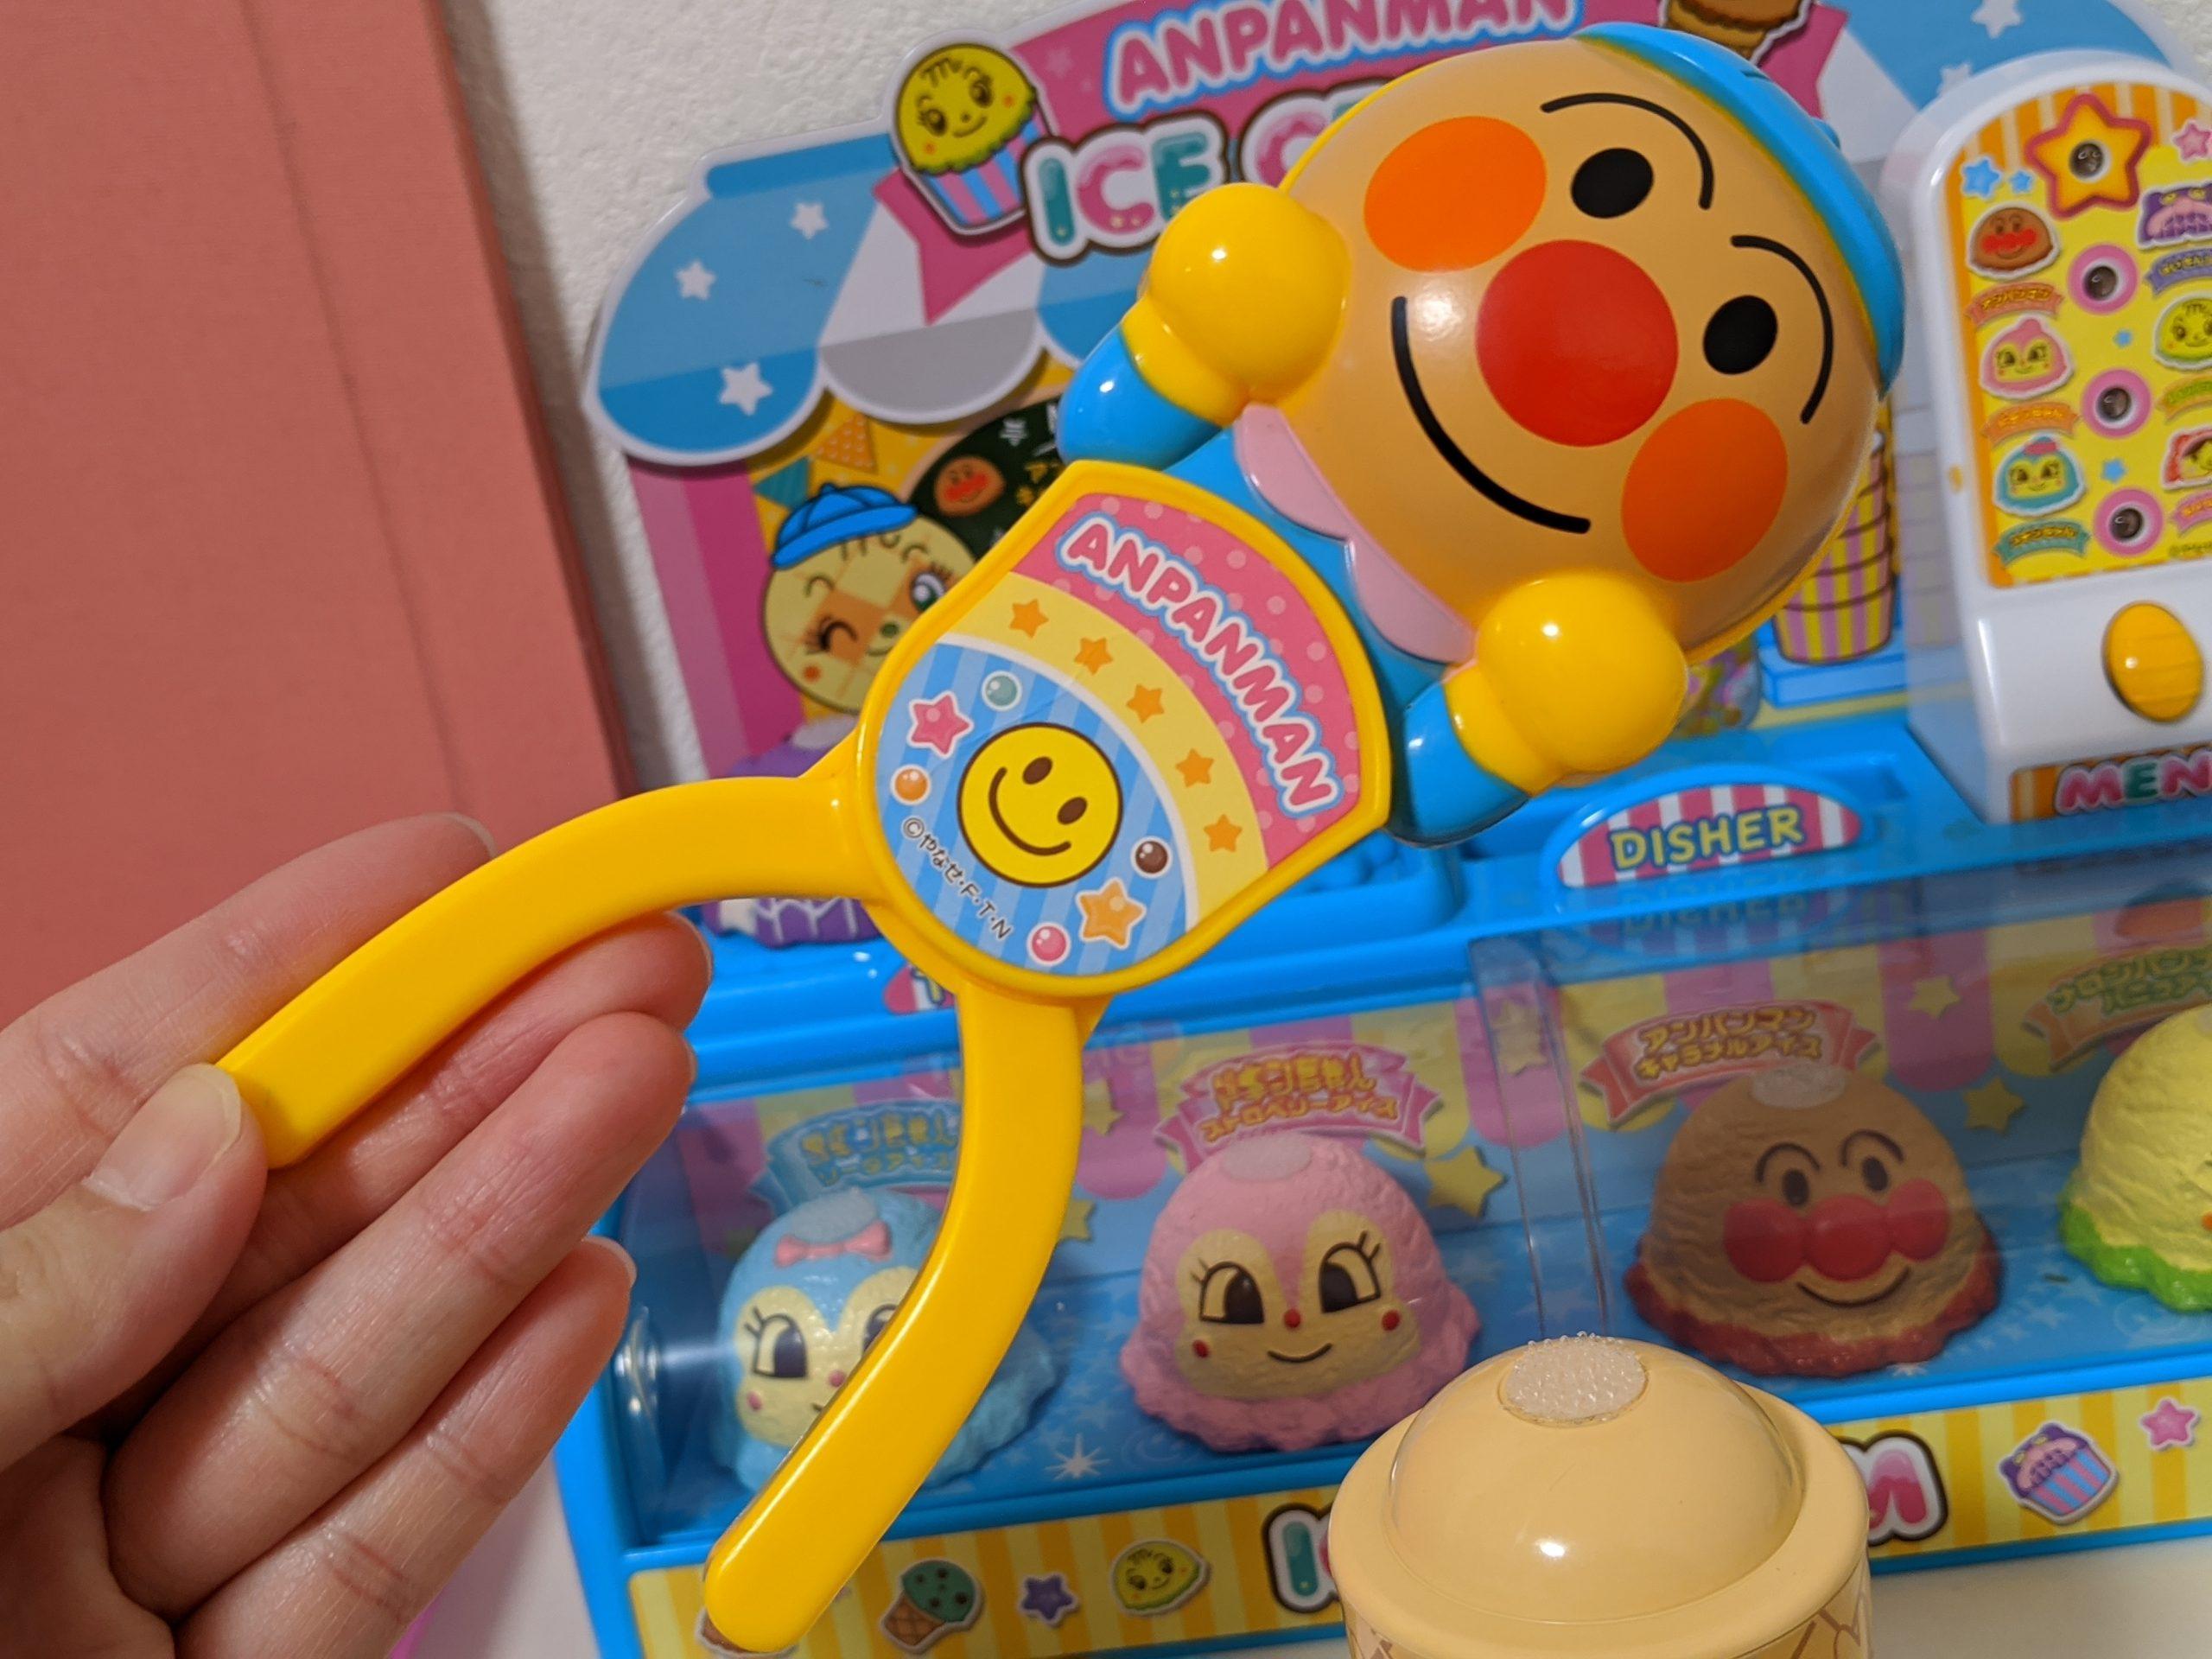 アンパンマンのおもちゃ ディッシャー表